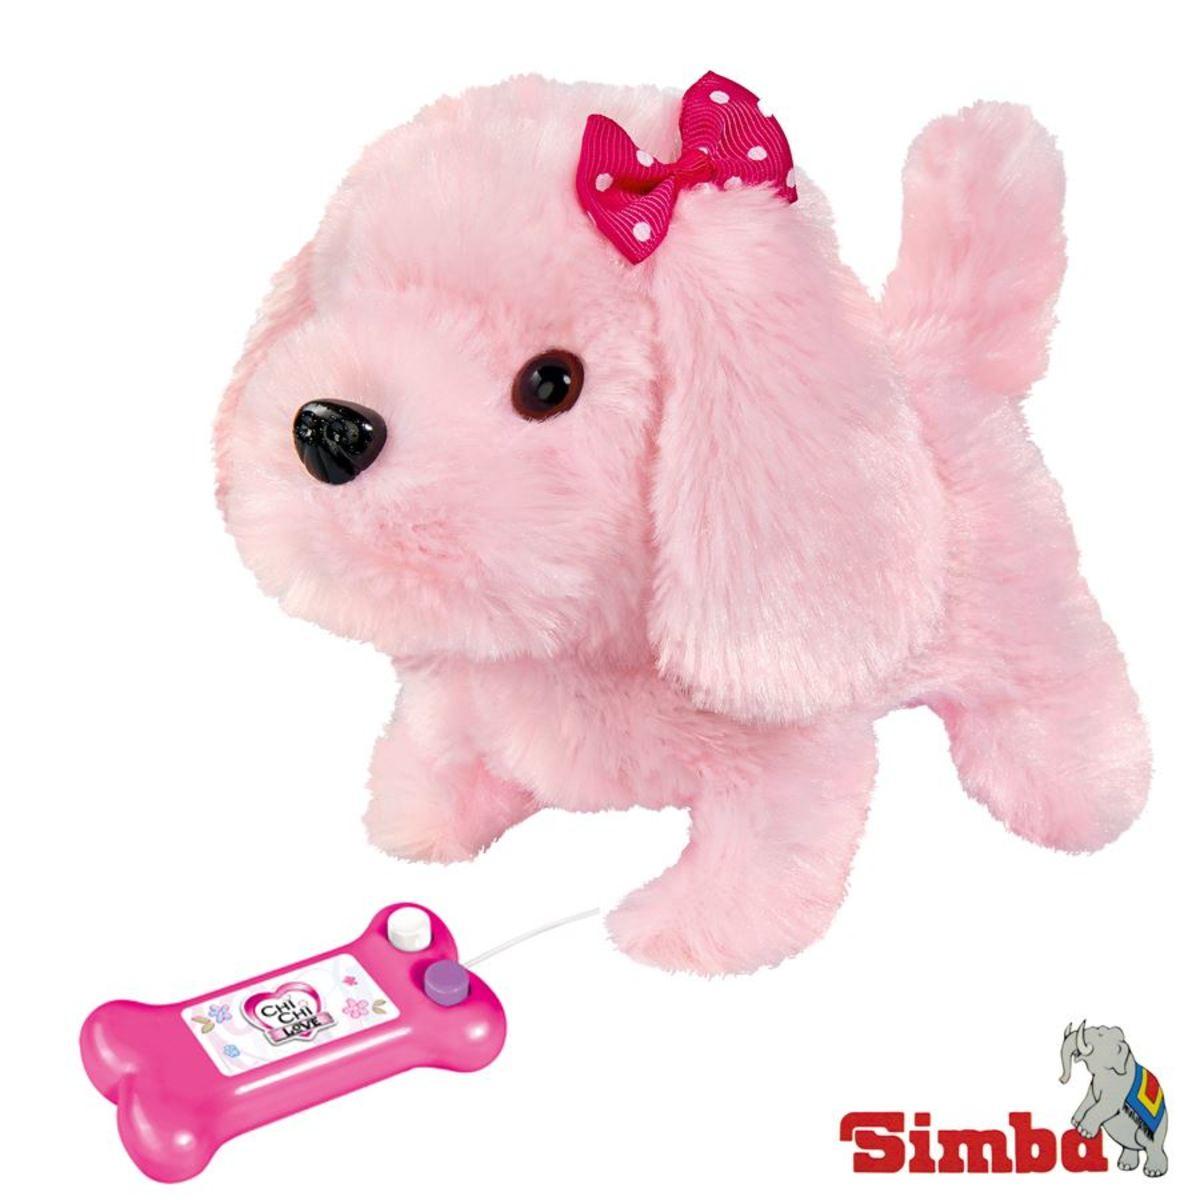 Bild 1 von Simba ChiChi Love Hundewelpe